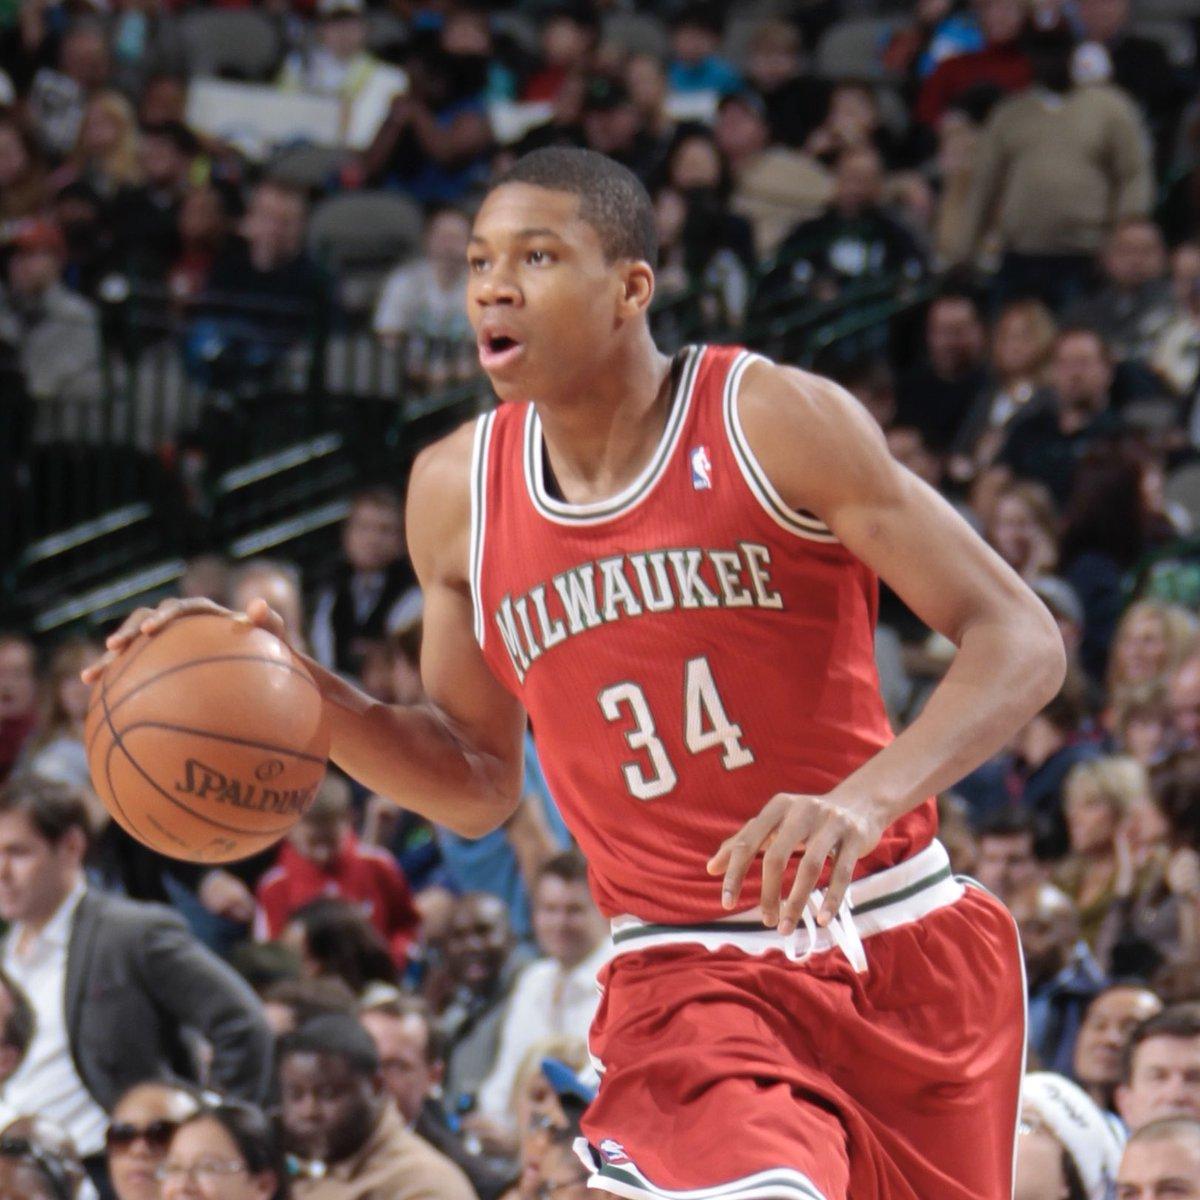 Rookie to MVP. #NBARookieWeek